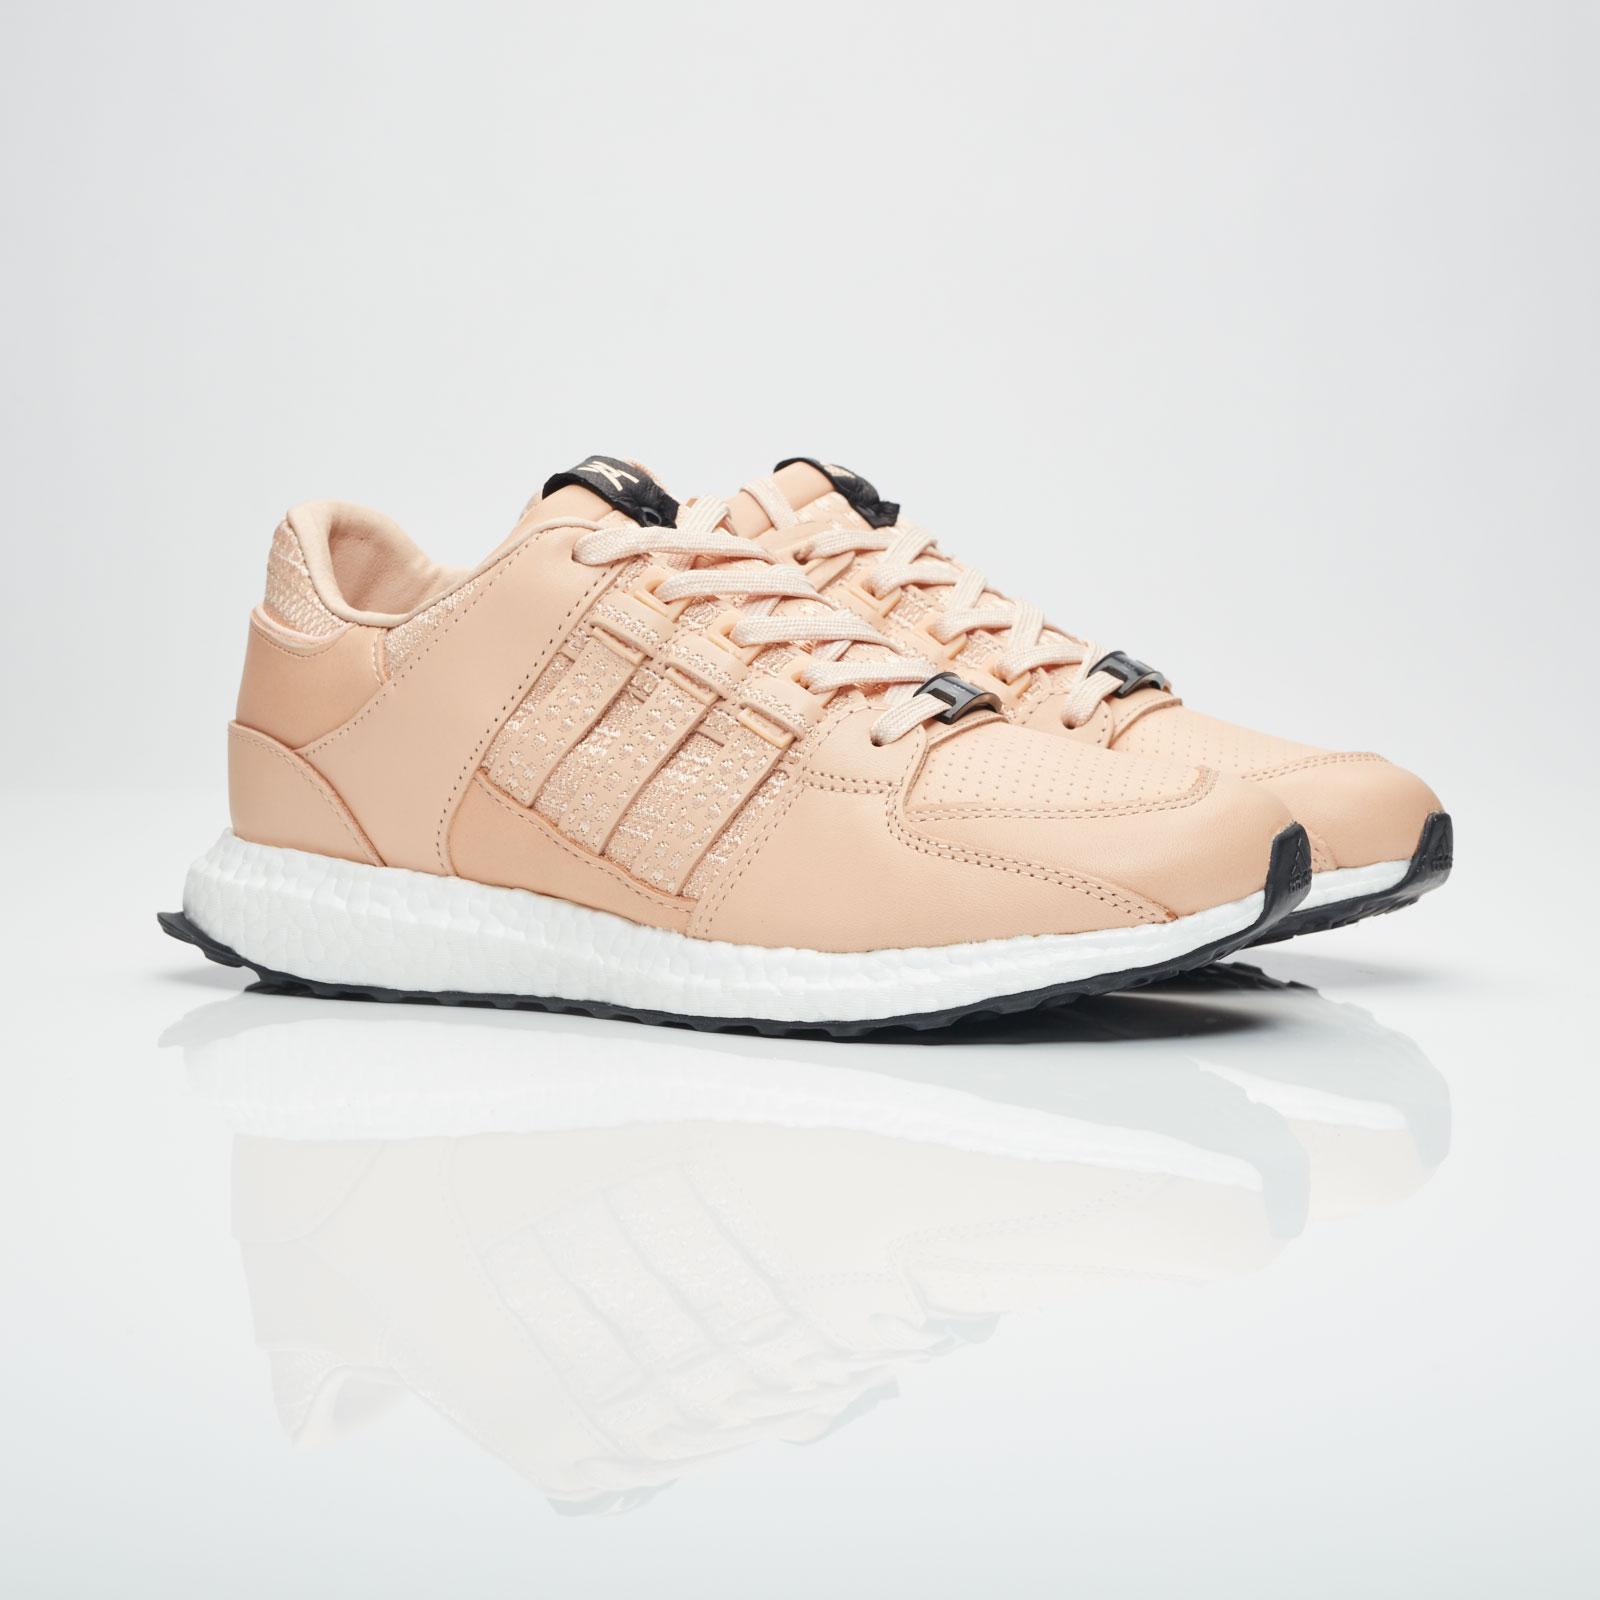 Adidas attrezzature sostegno 93 / 16 avenue cp9640 scarpe da ginnasticanstuff